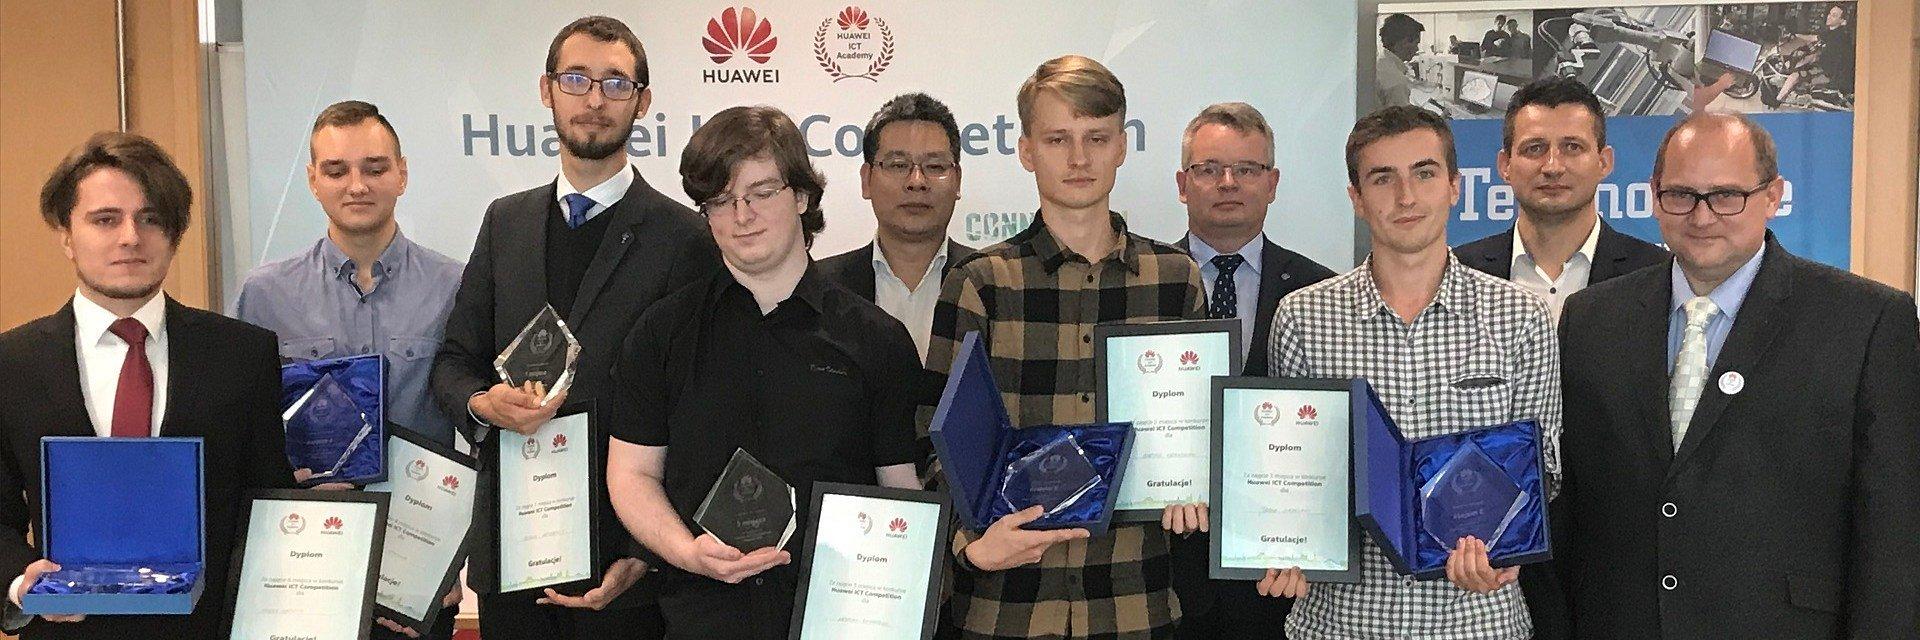 Znamy laureatów ICT Competition – konkursu branży technologii informacyjno-komunikacyjnej